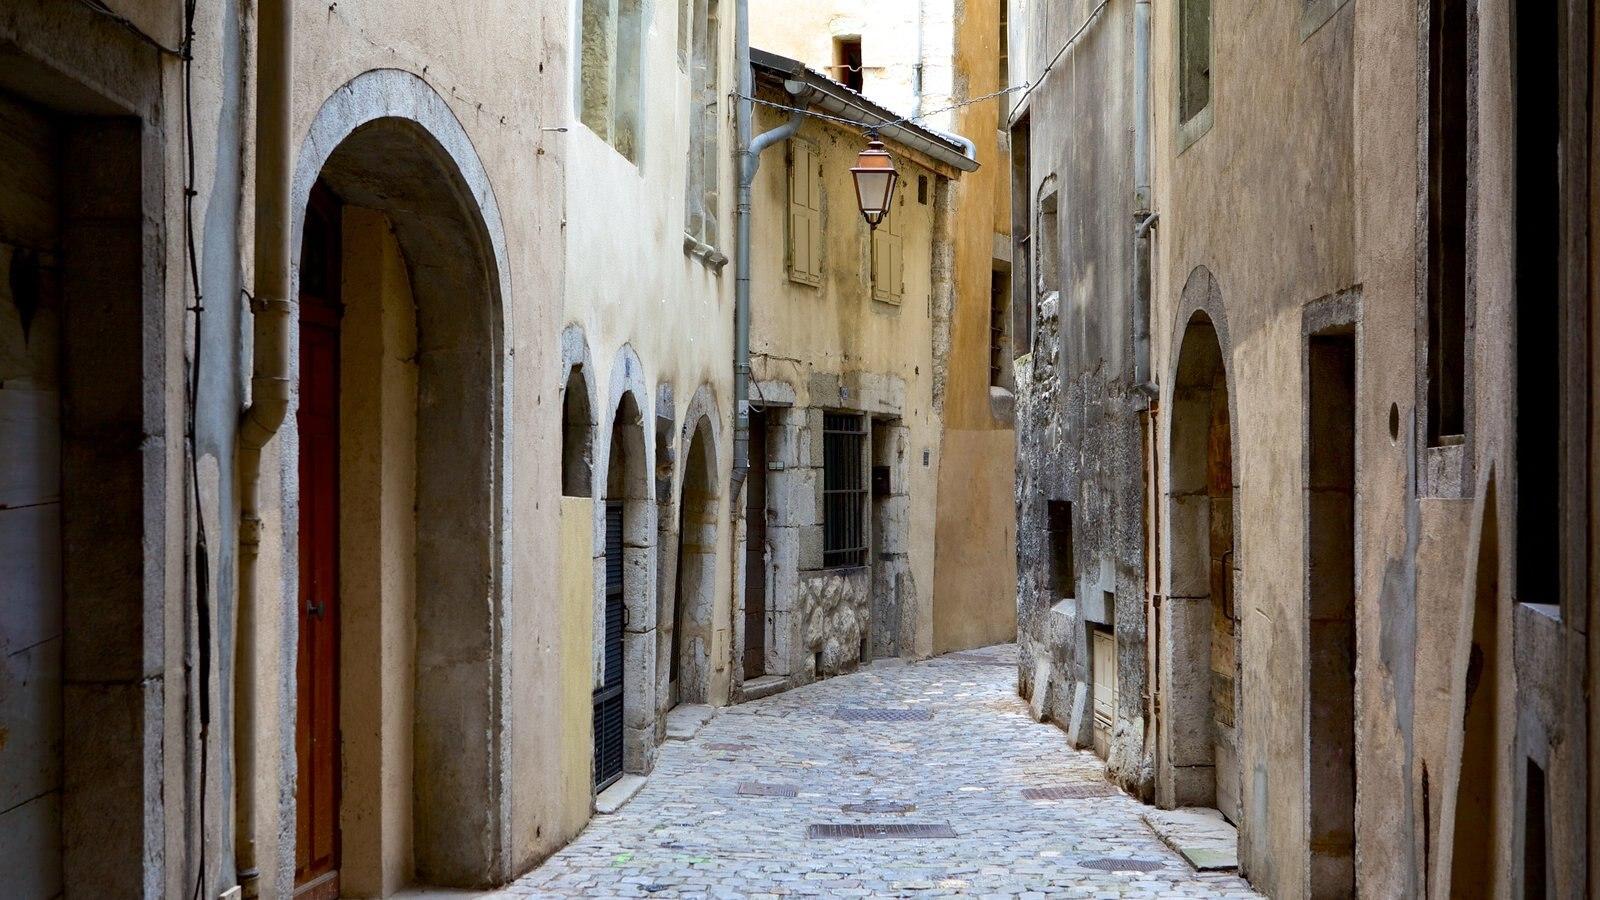 Chambery caracterizando uma casa e arquitetura de patrimônio